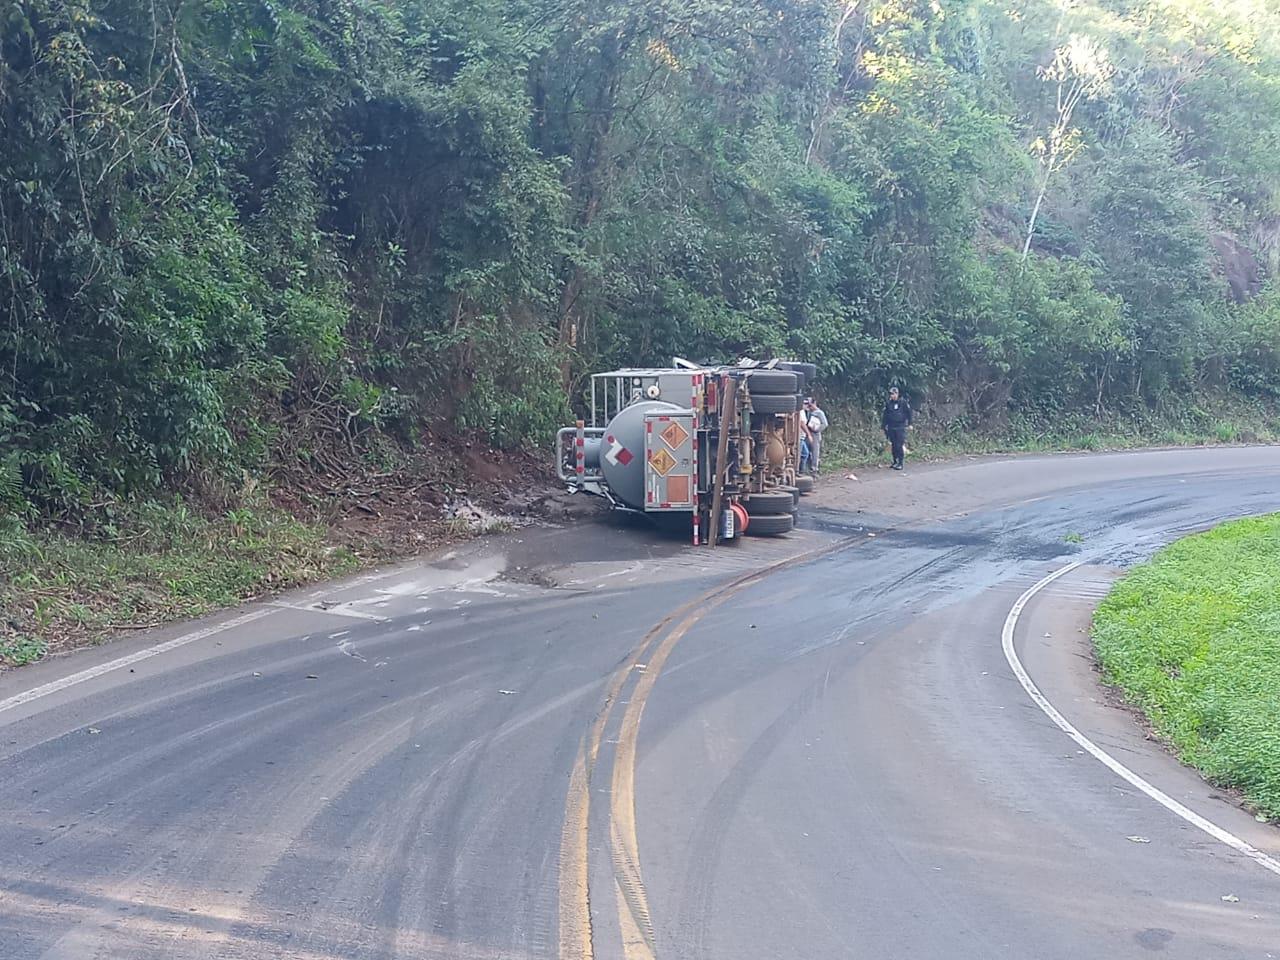 Caminhão estava carregado de nitrato de amônio - PMRv/Divulgação/ND